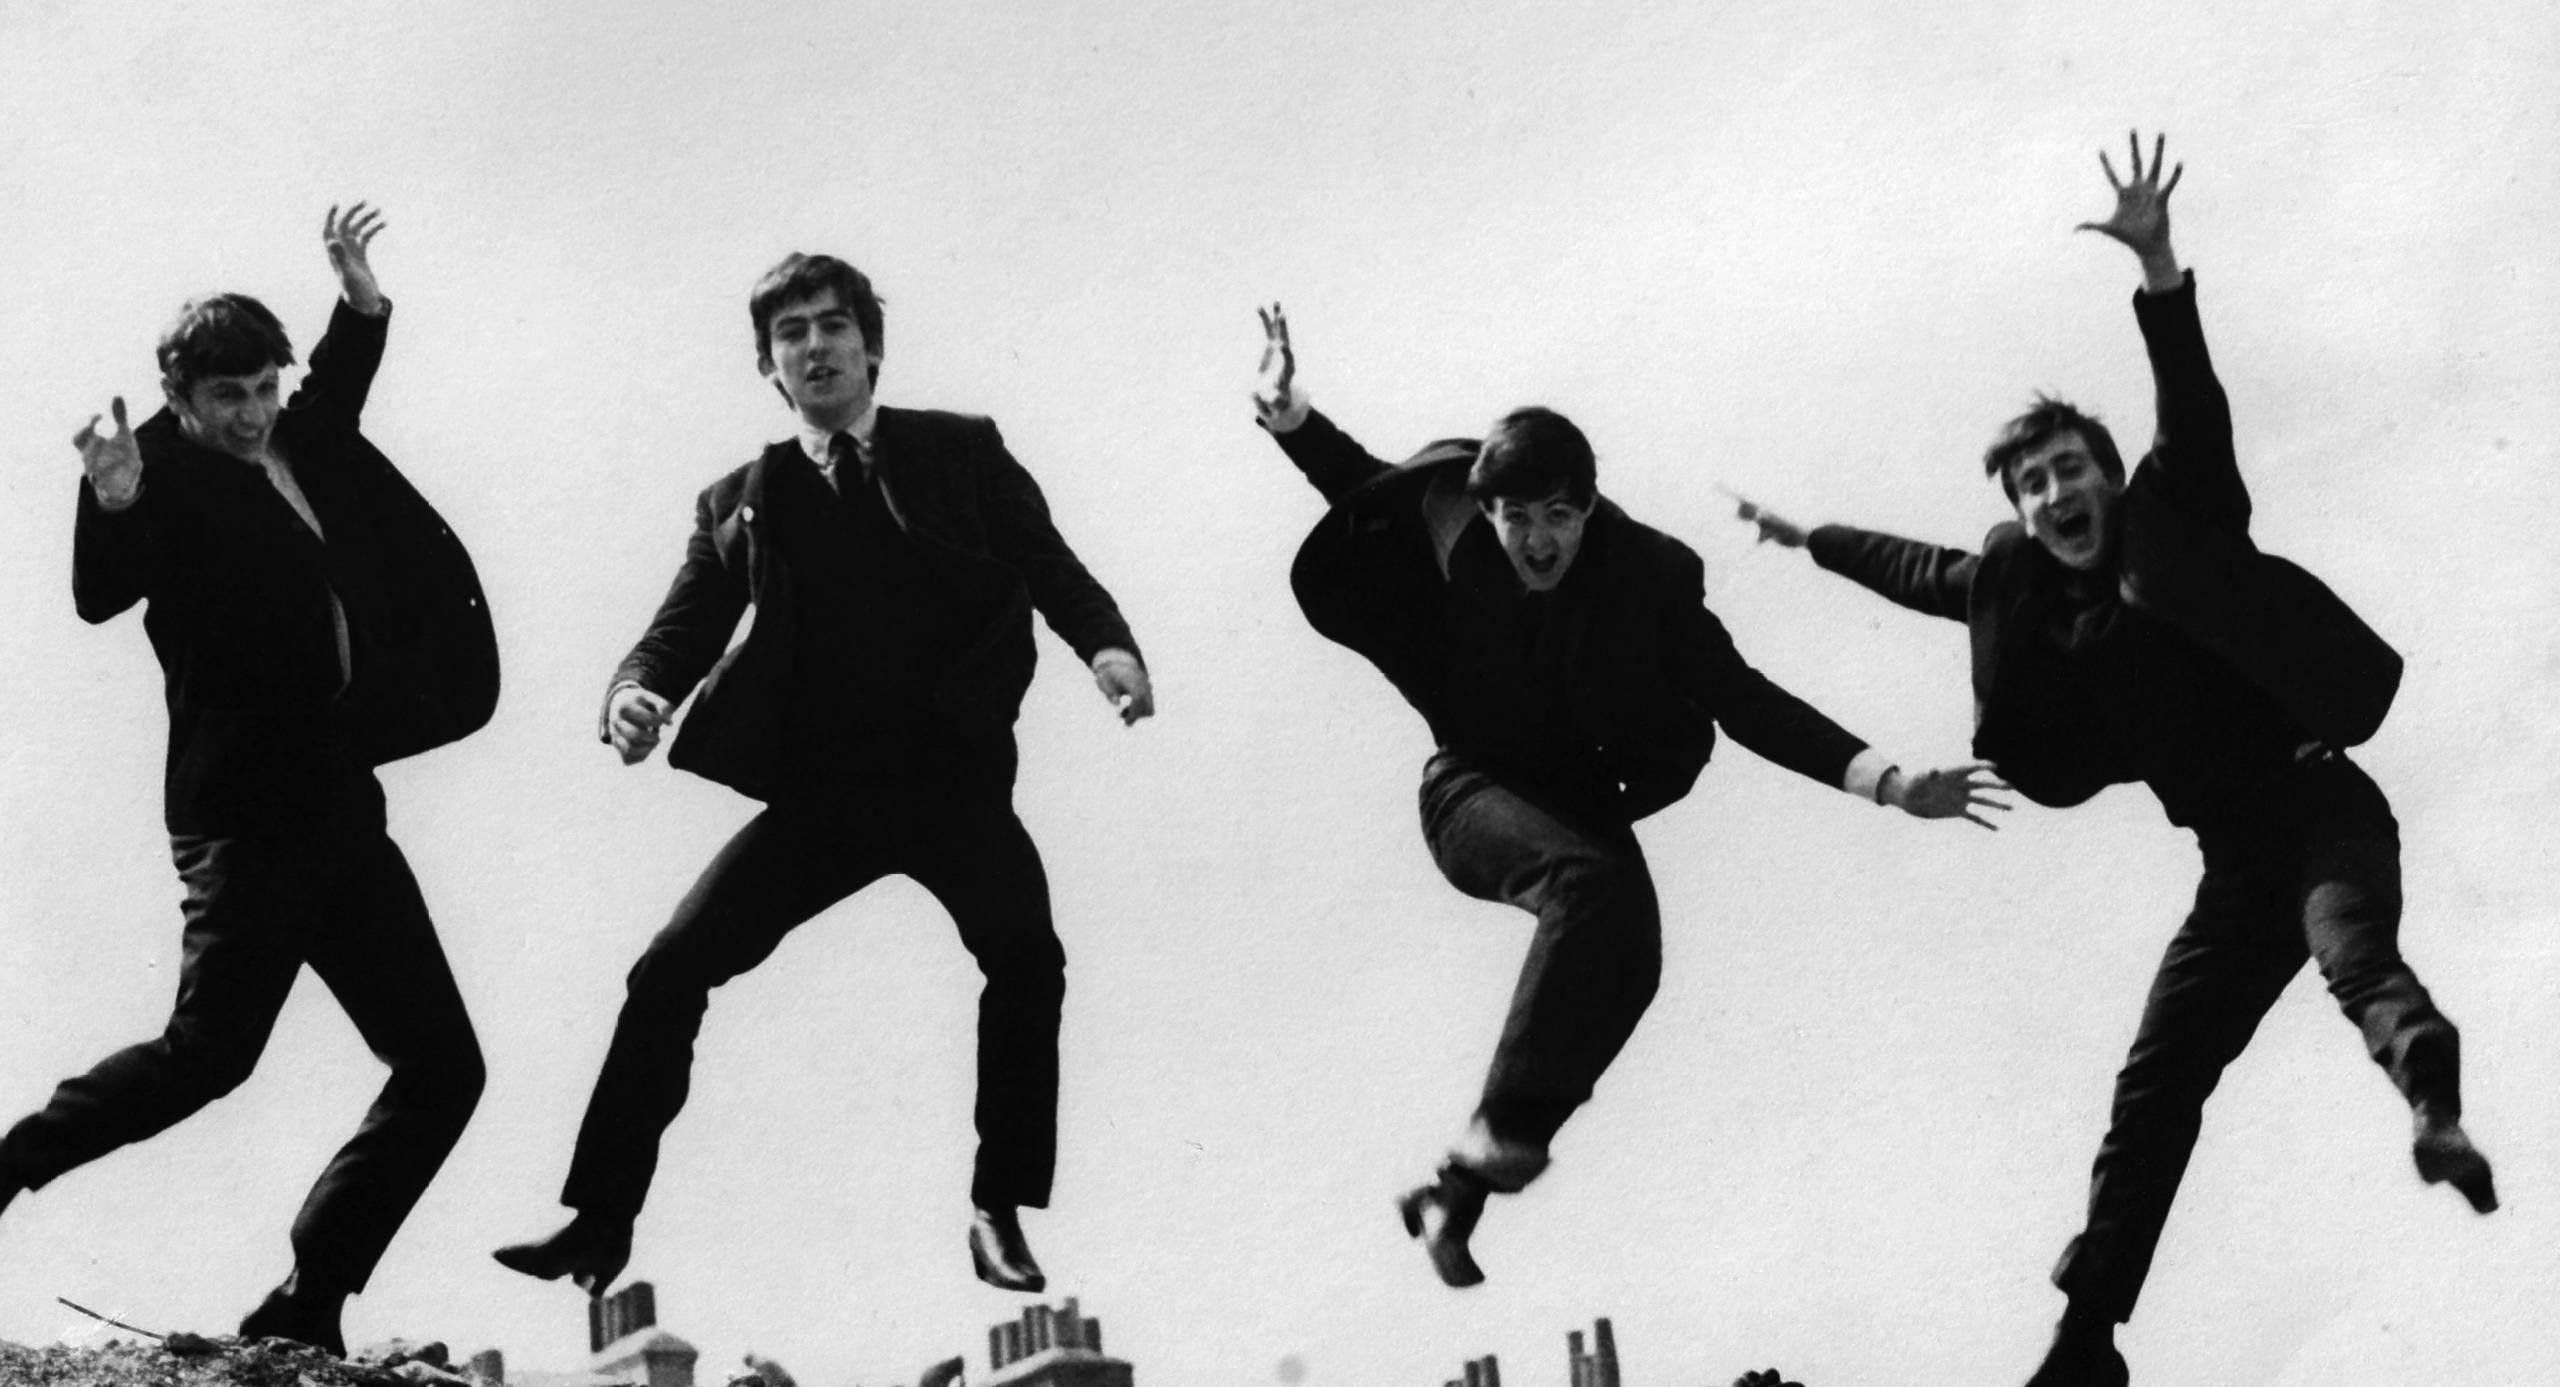 Beatles-Fotografin Fiona Adams im Alter von 84 Jahren gestorben